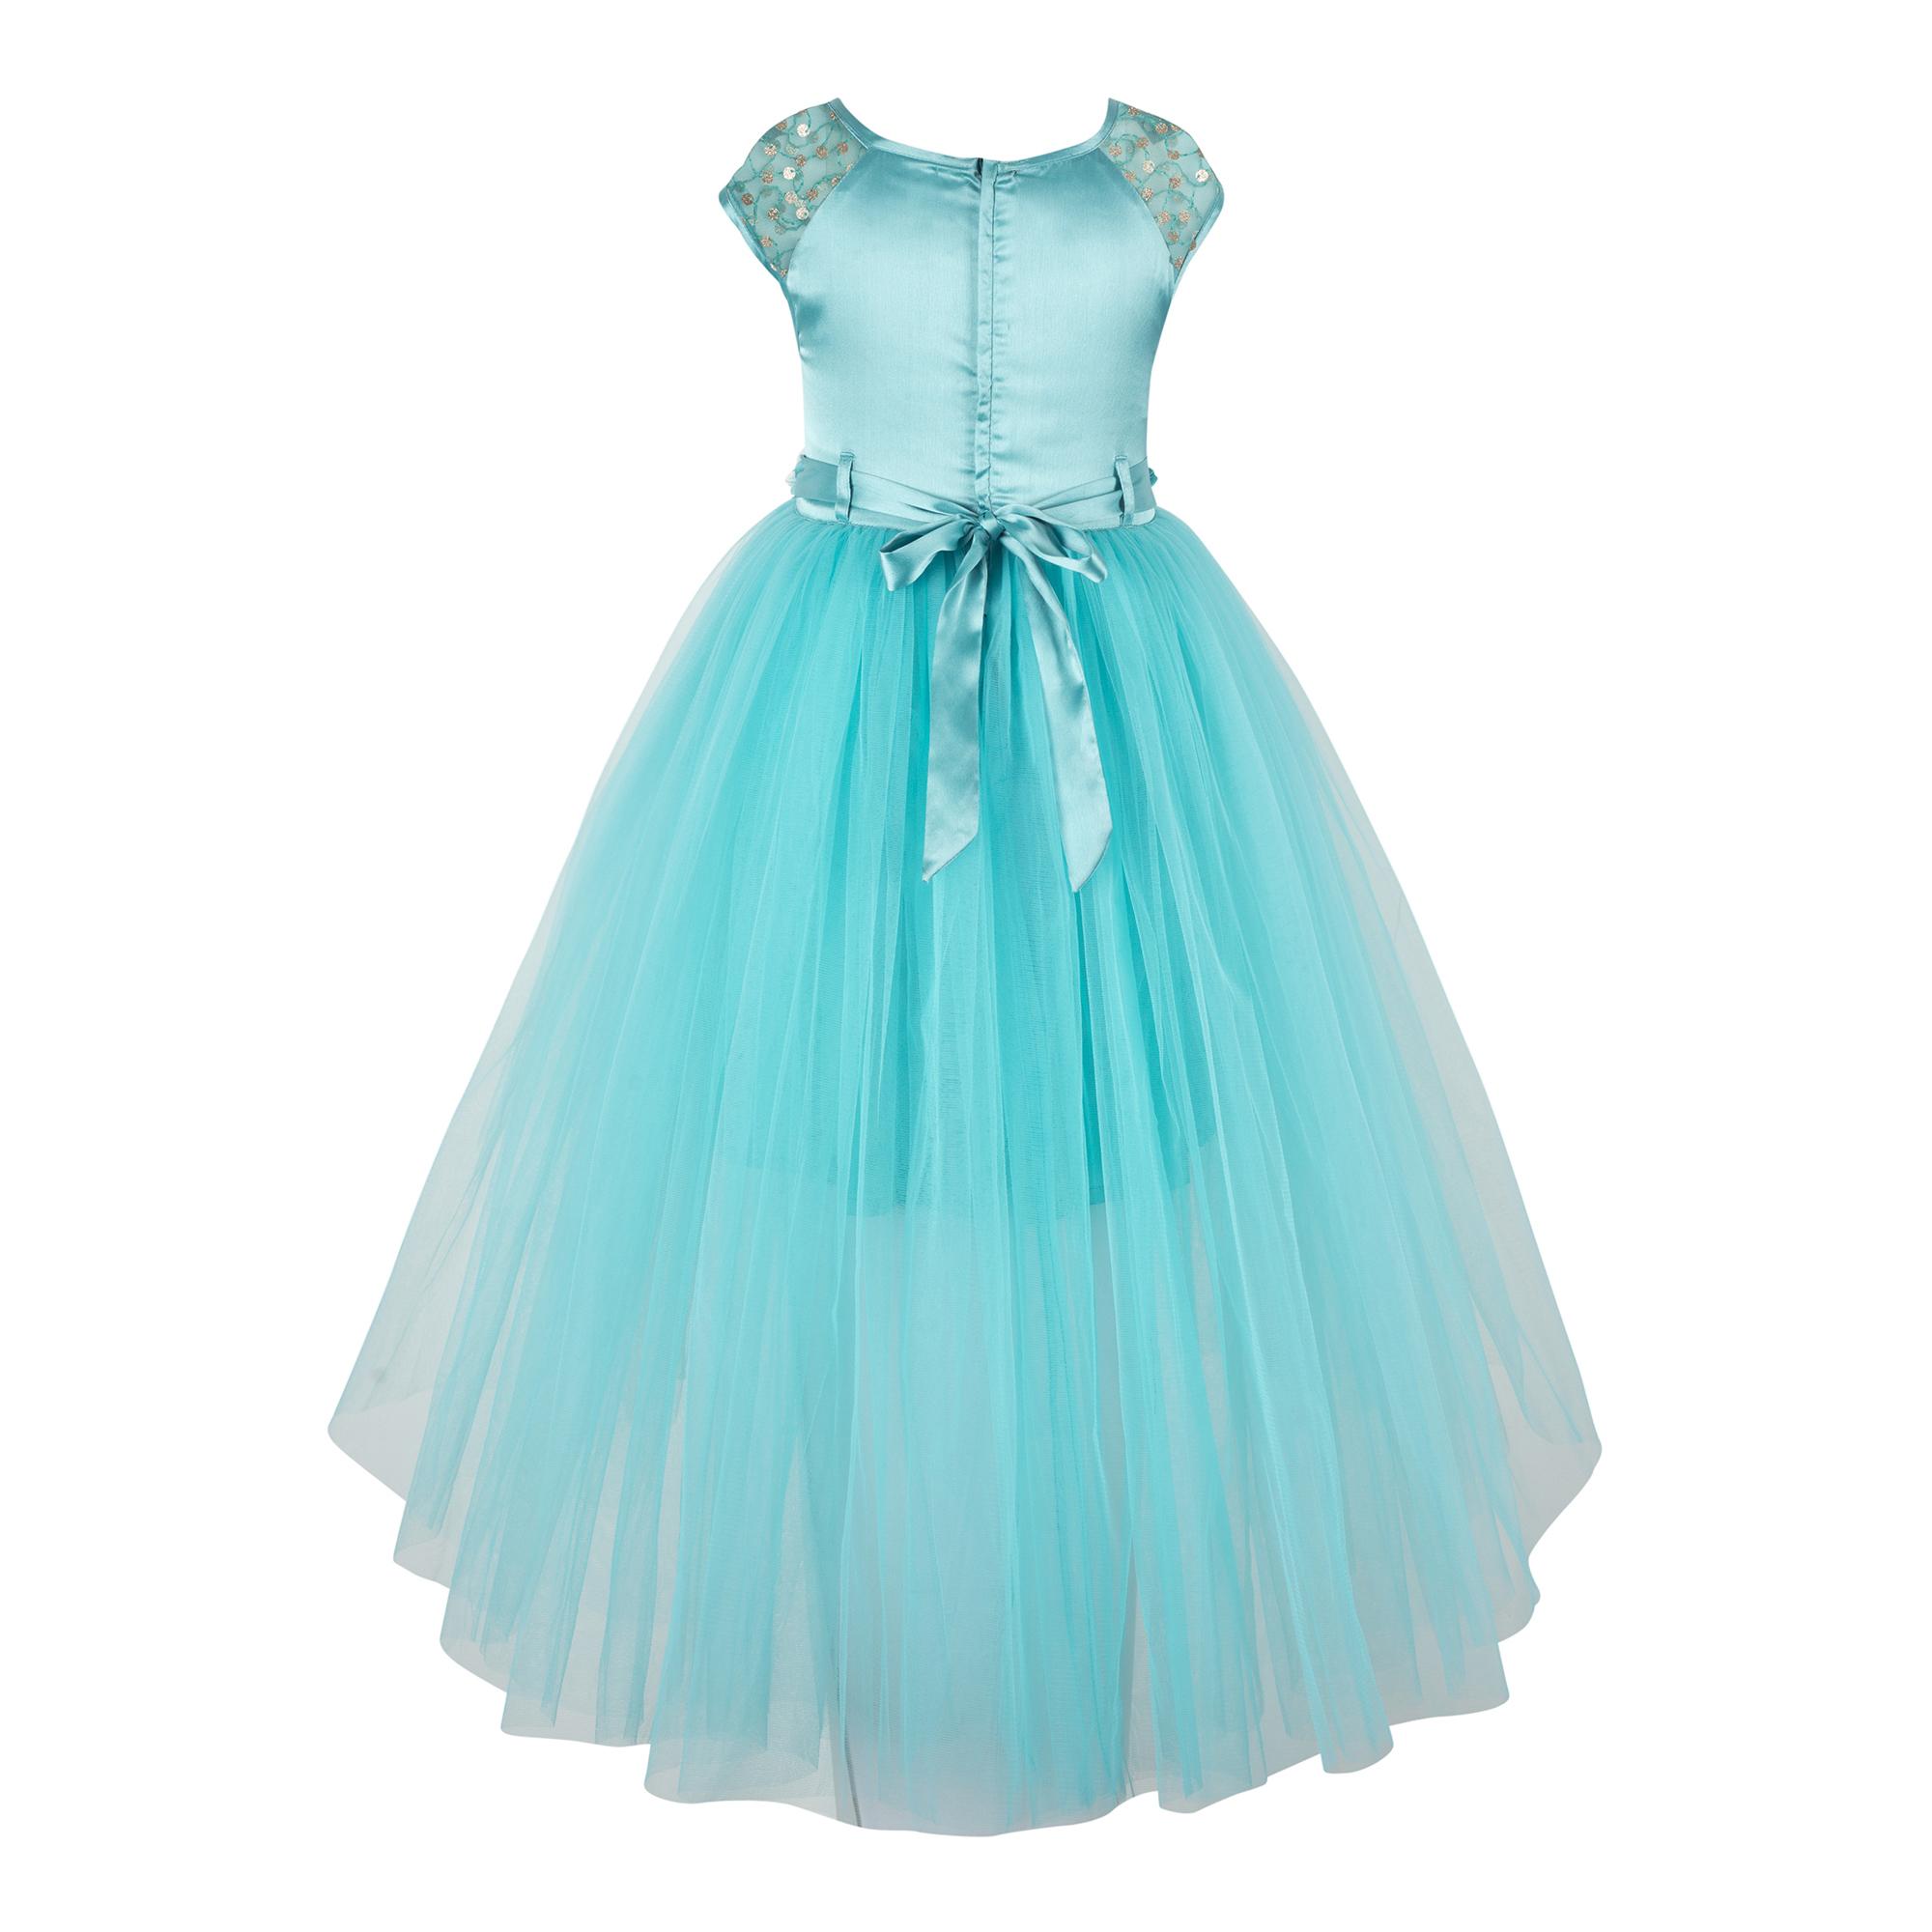 Sequins Embellished Sky Blue  Dress.